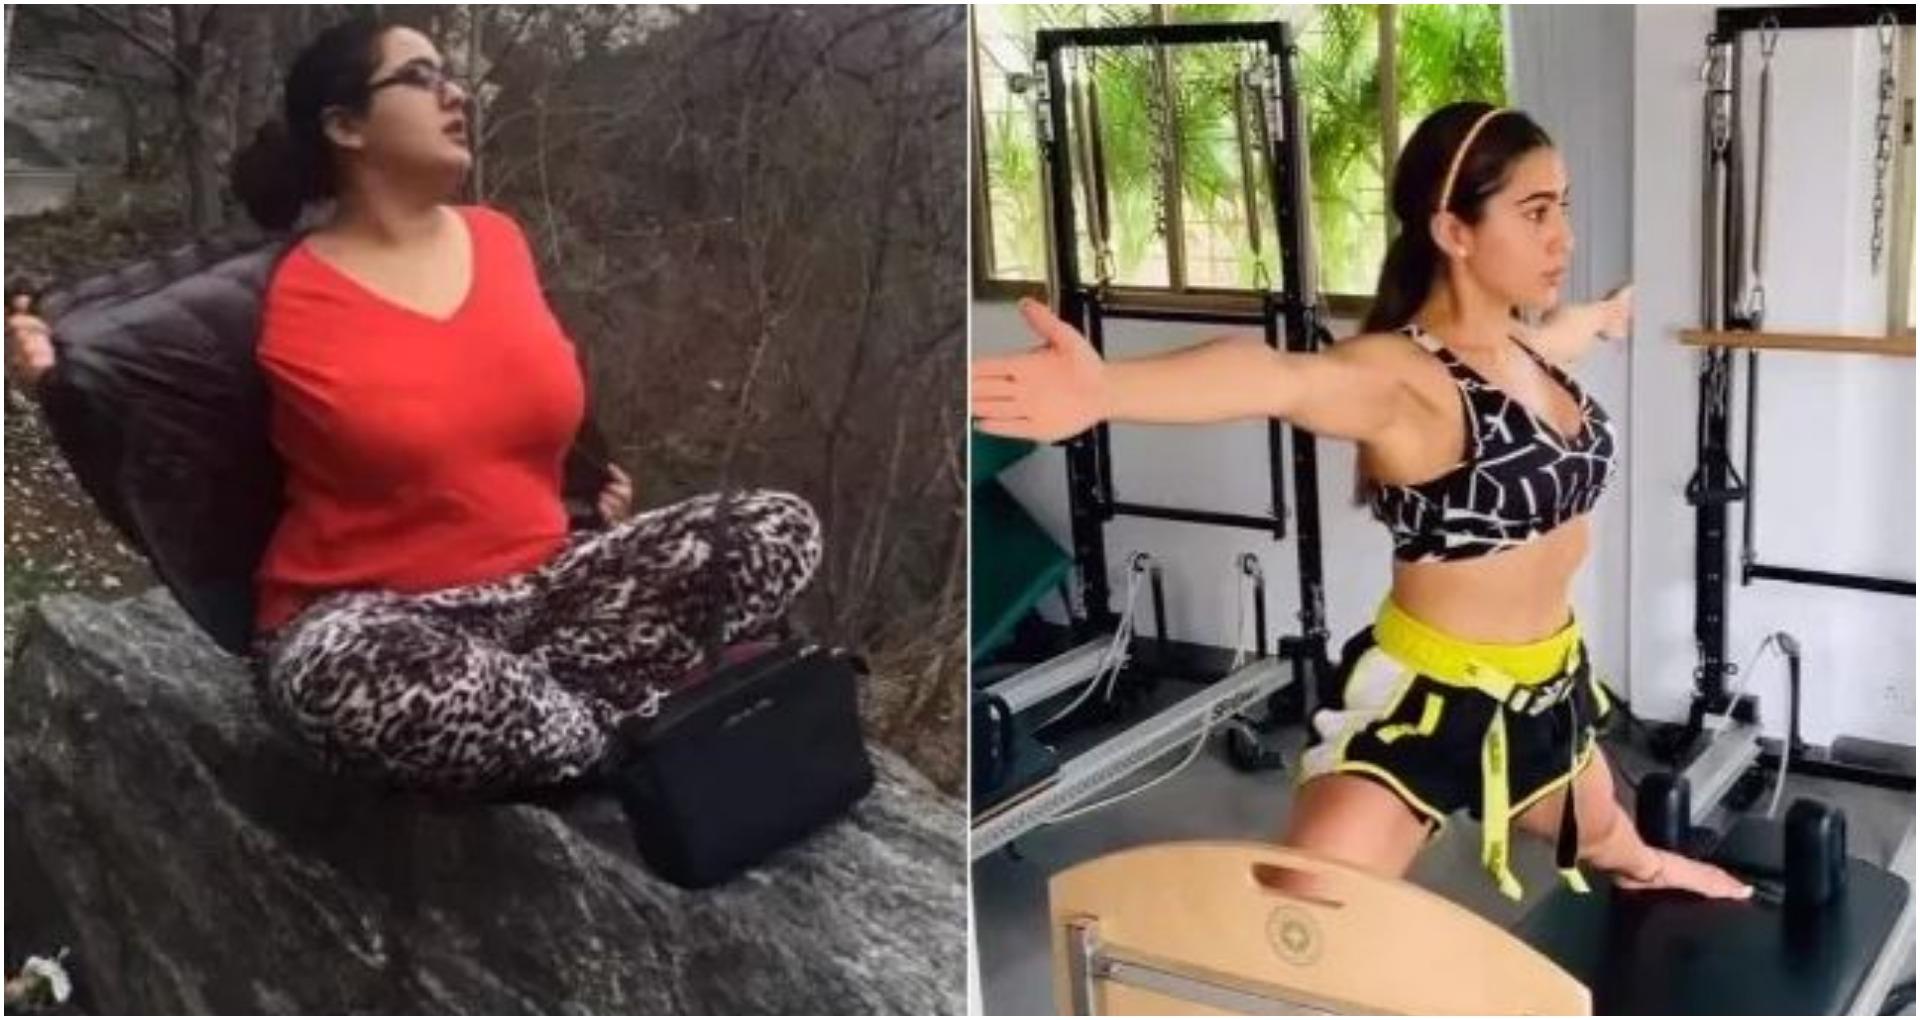 सारा अली खान ने खुद को कड़ी मेहनत से किया फिट, अब फैट टू फिट वीडियो हो रहा Viral, देखें वीडियो